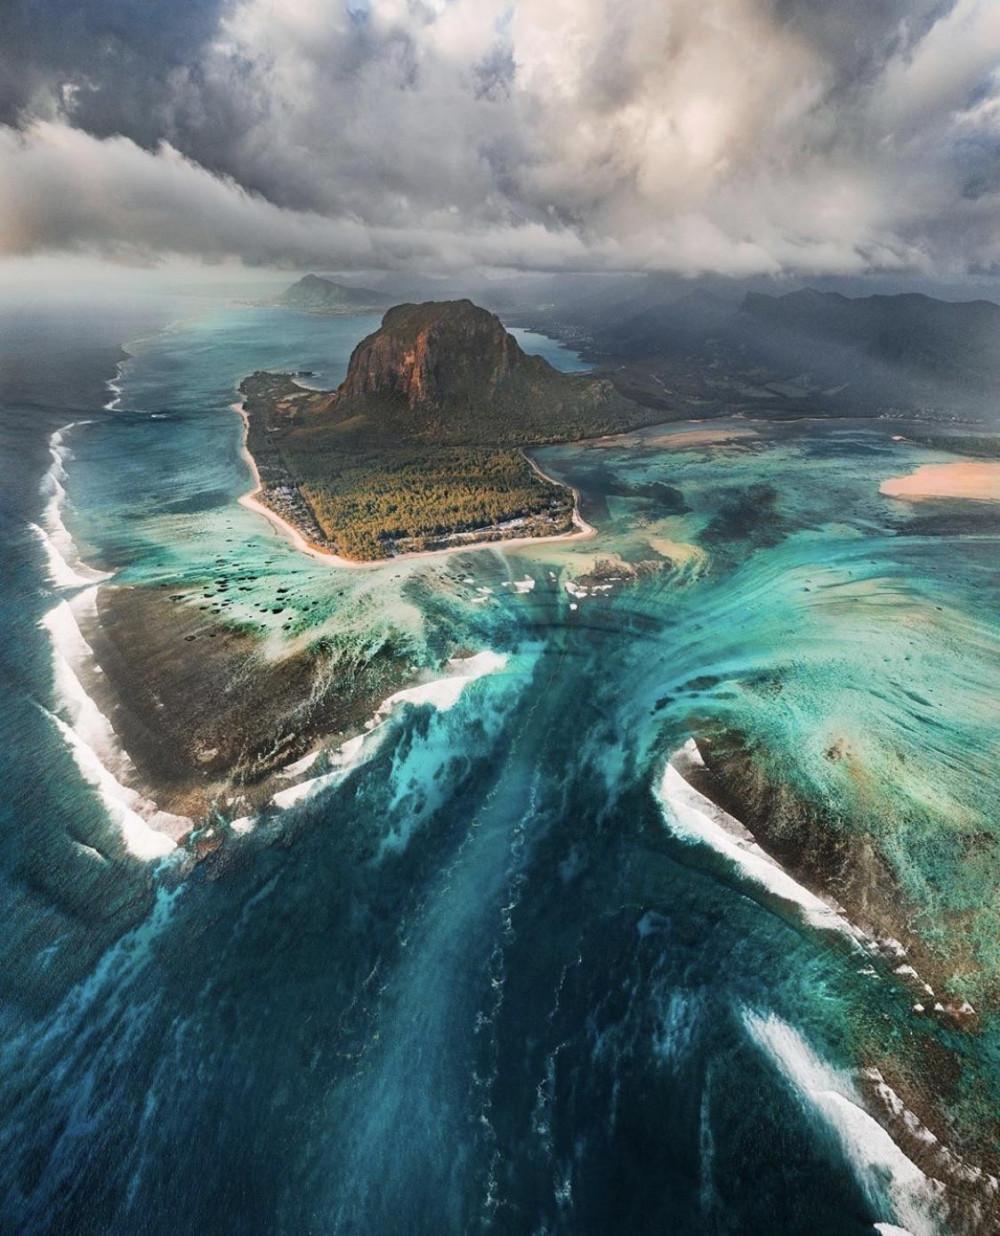 https://emosurf.com/i/00064000xDEl0g8/podvodnyj-vodopad-na-ostrove-mavrikij_large.jpg